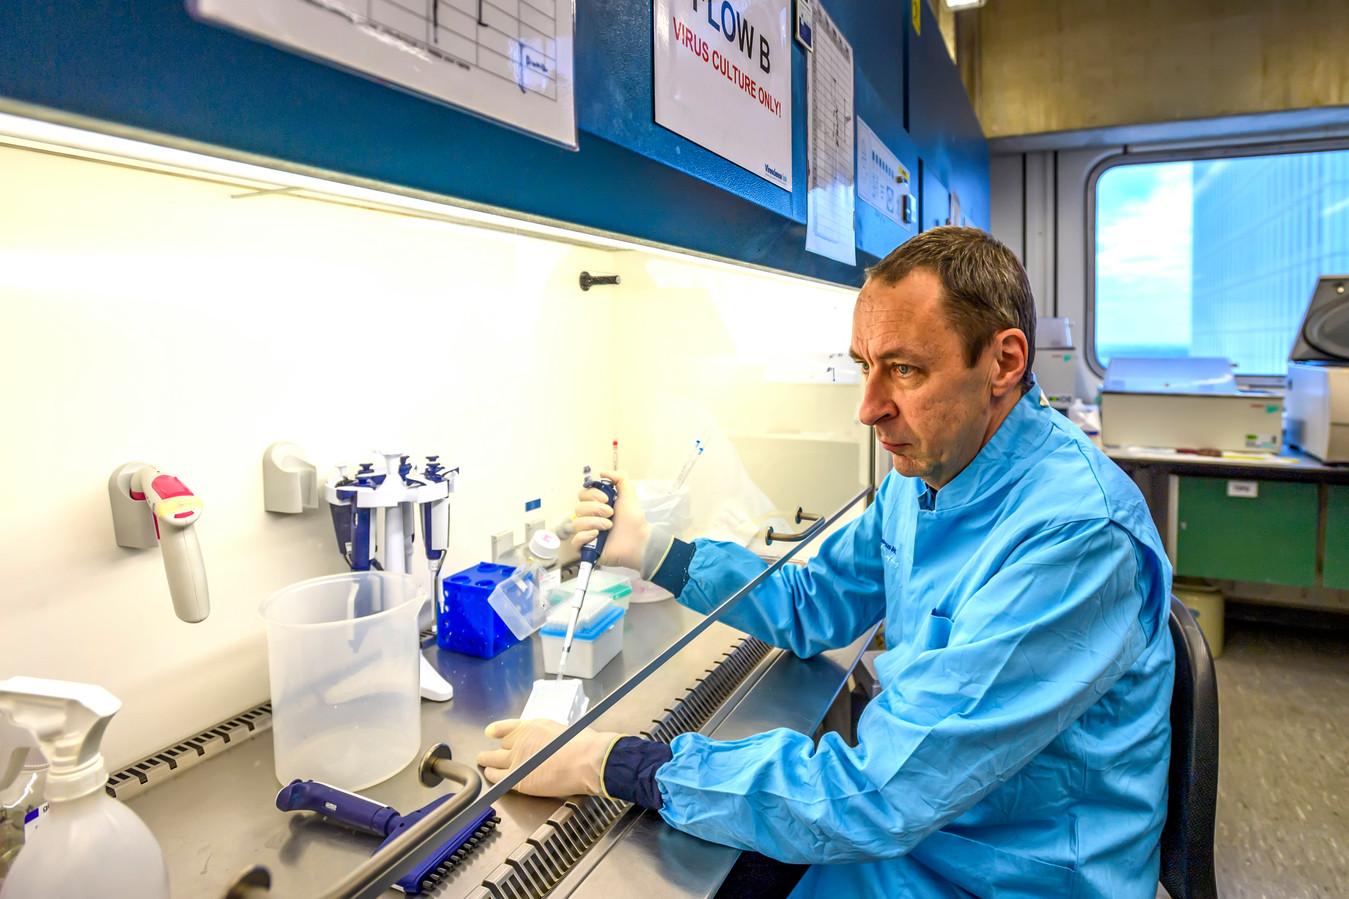 Bart Haagman is als viroloog verbonden aan het Erasmus MC in Rotterdam en gespecialiseerd in het coronavirus